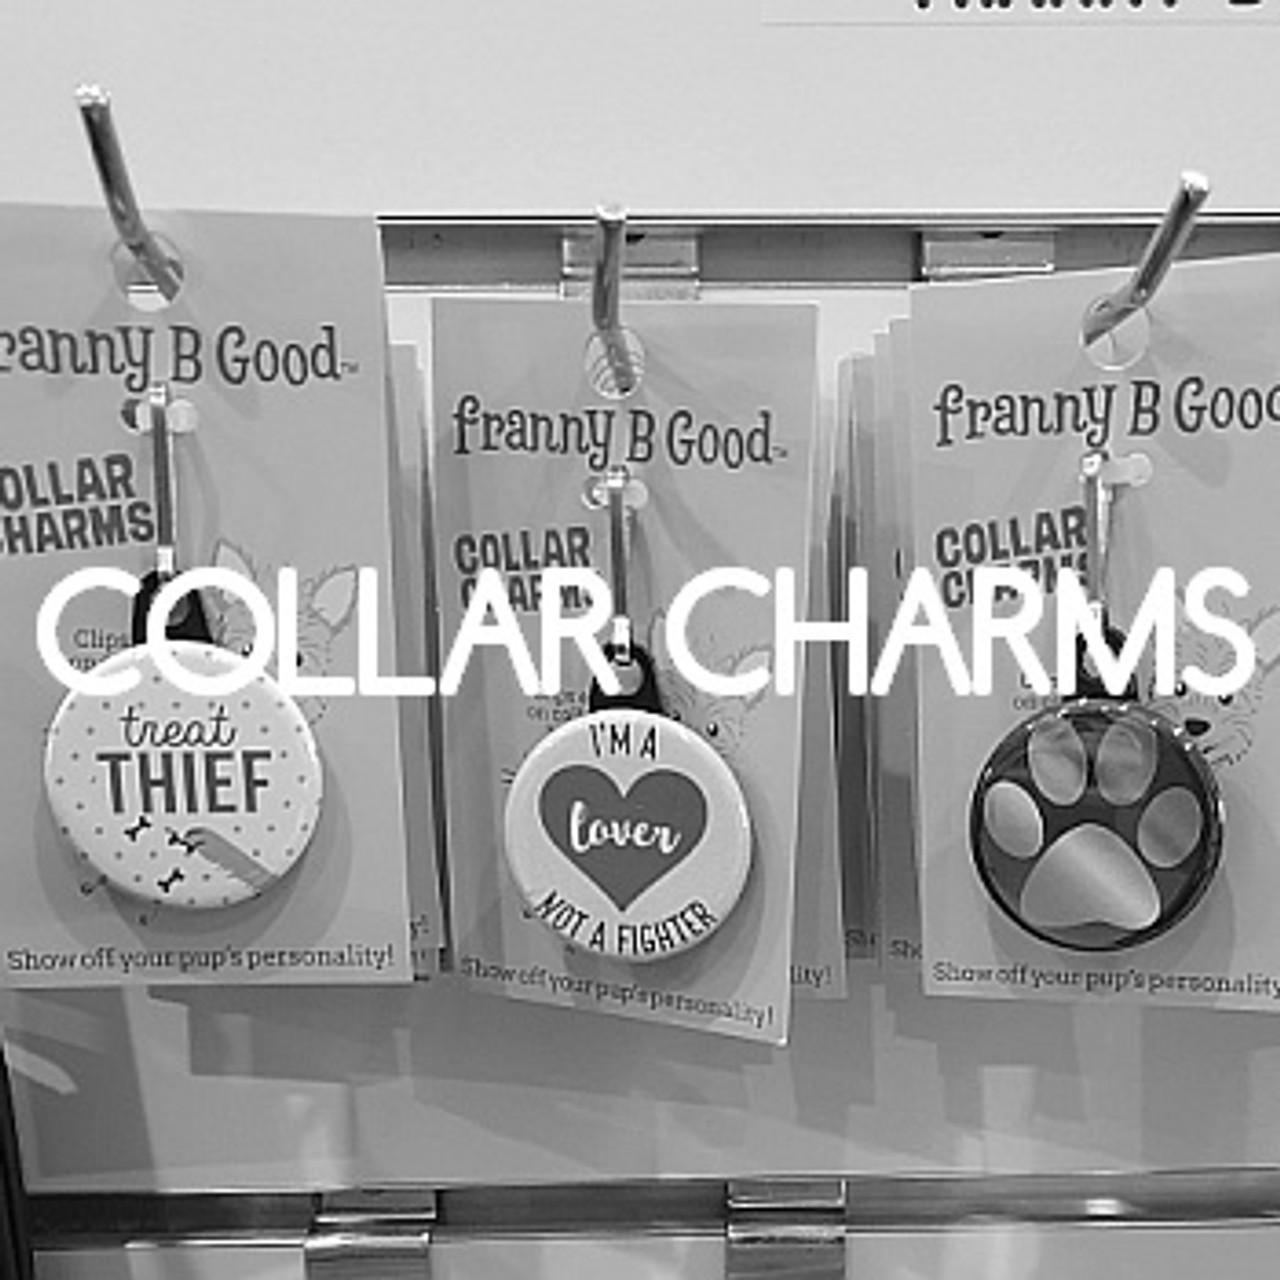 Collar Charms